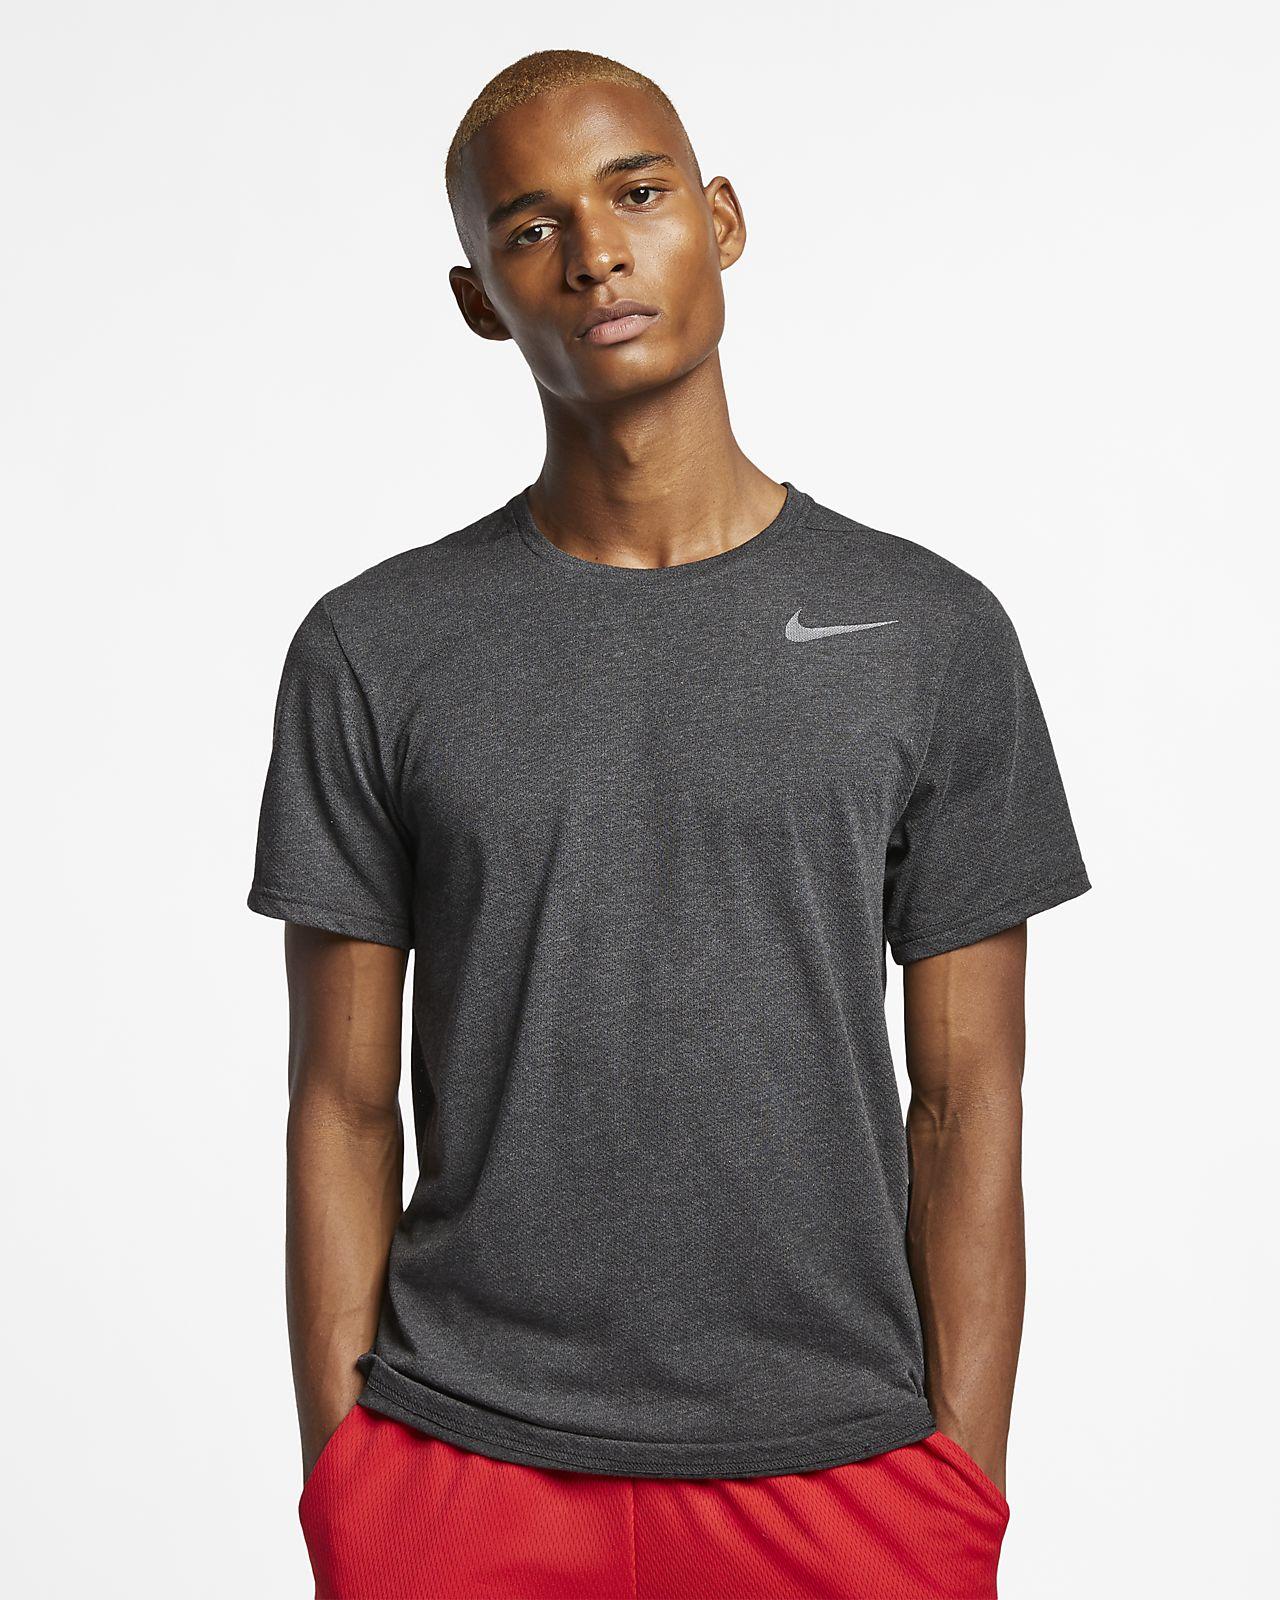 Nike Breathe Kısa Kollu Erkek Antrenman Üstü